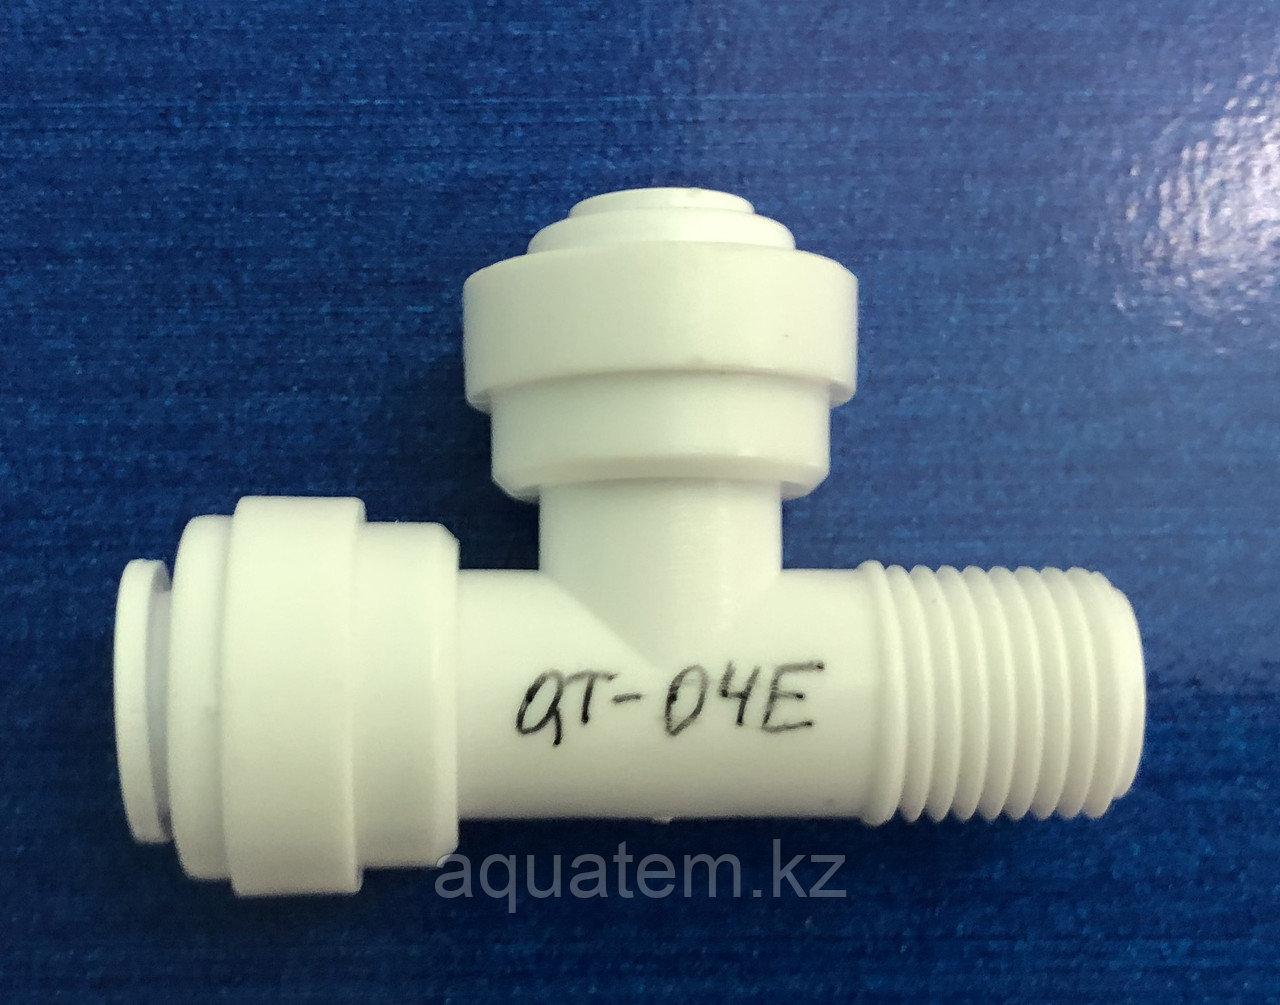 Фитинг QT-04E